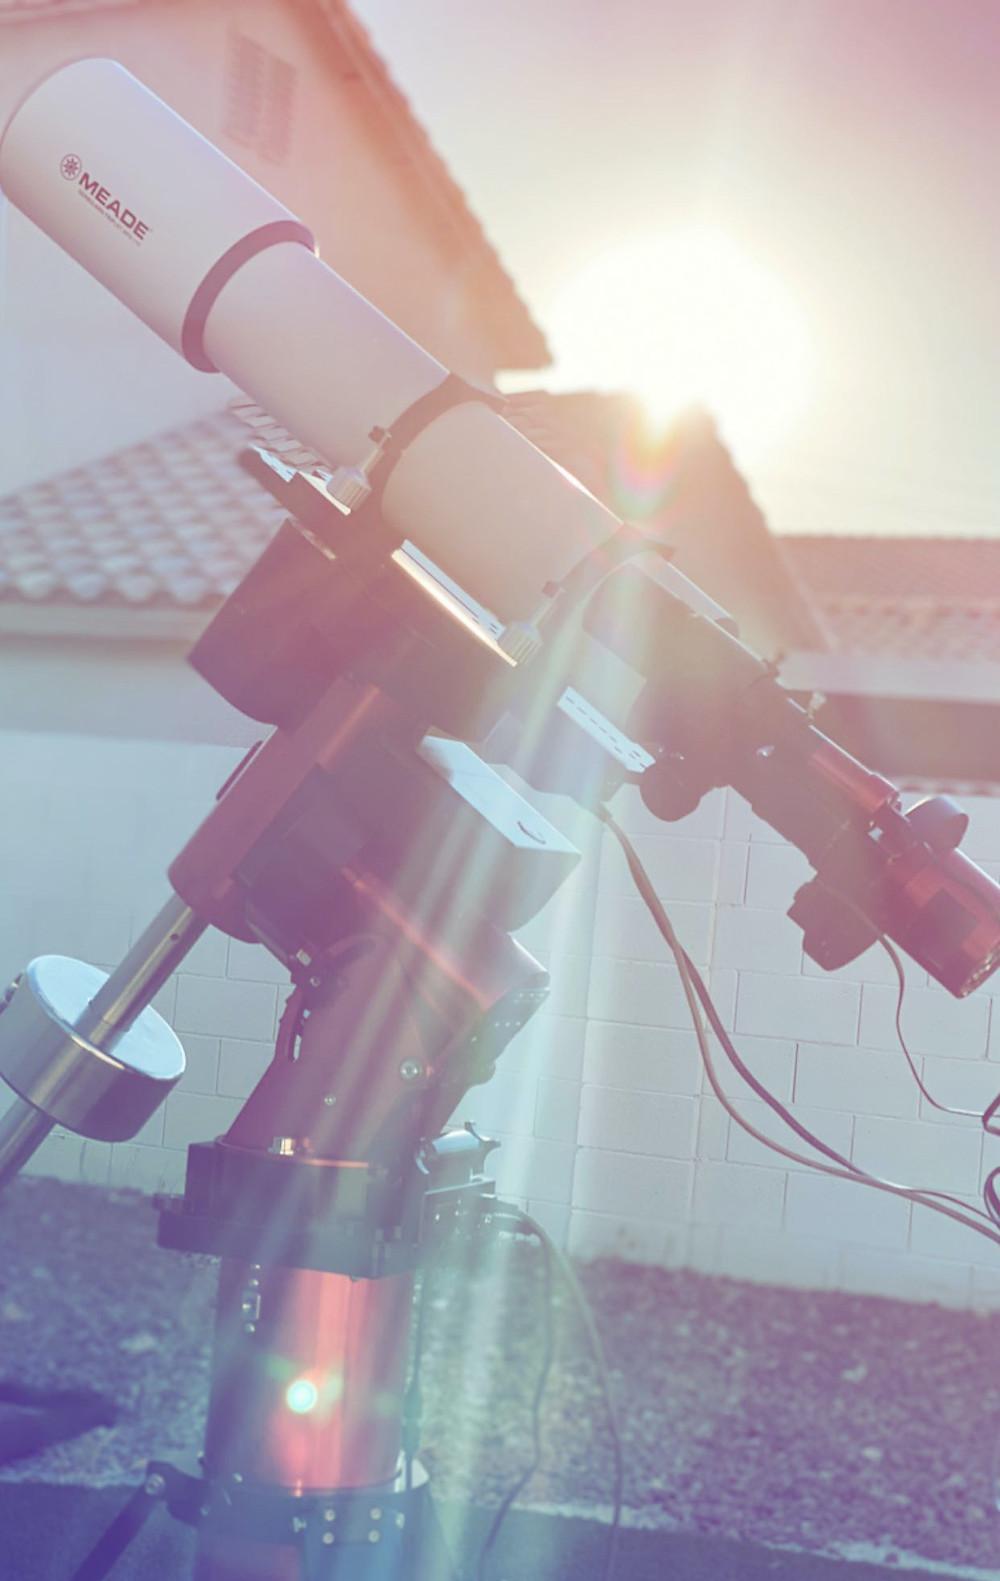 refractor telescope and MyT mount backyard